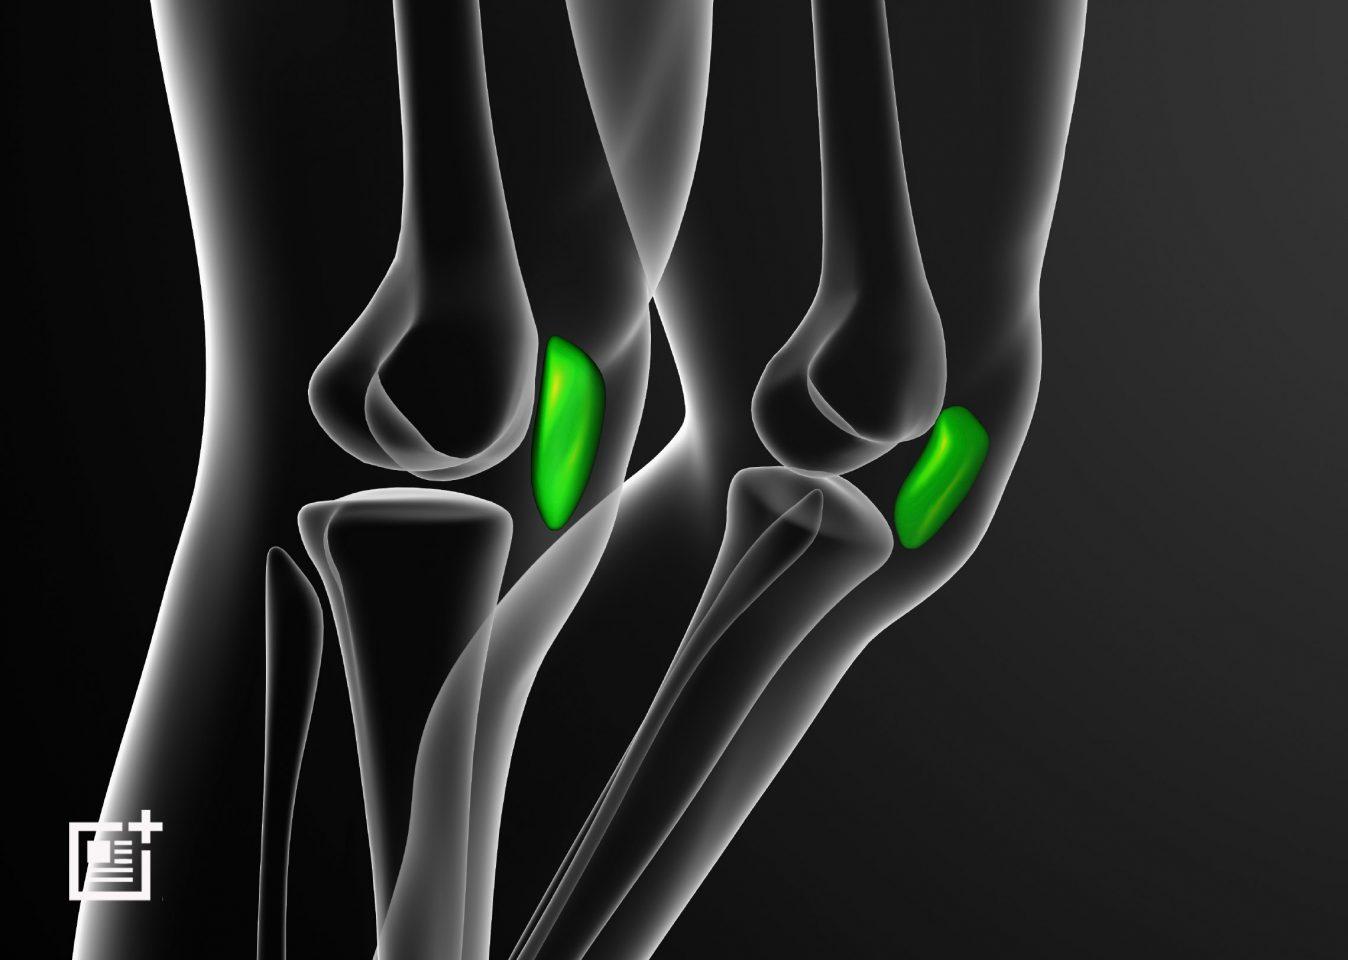 Stem Cells Trials For Knee Injuries Get Underway